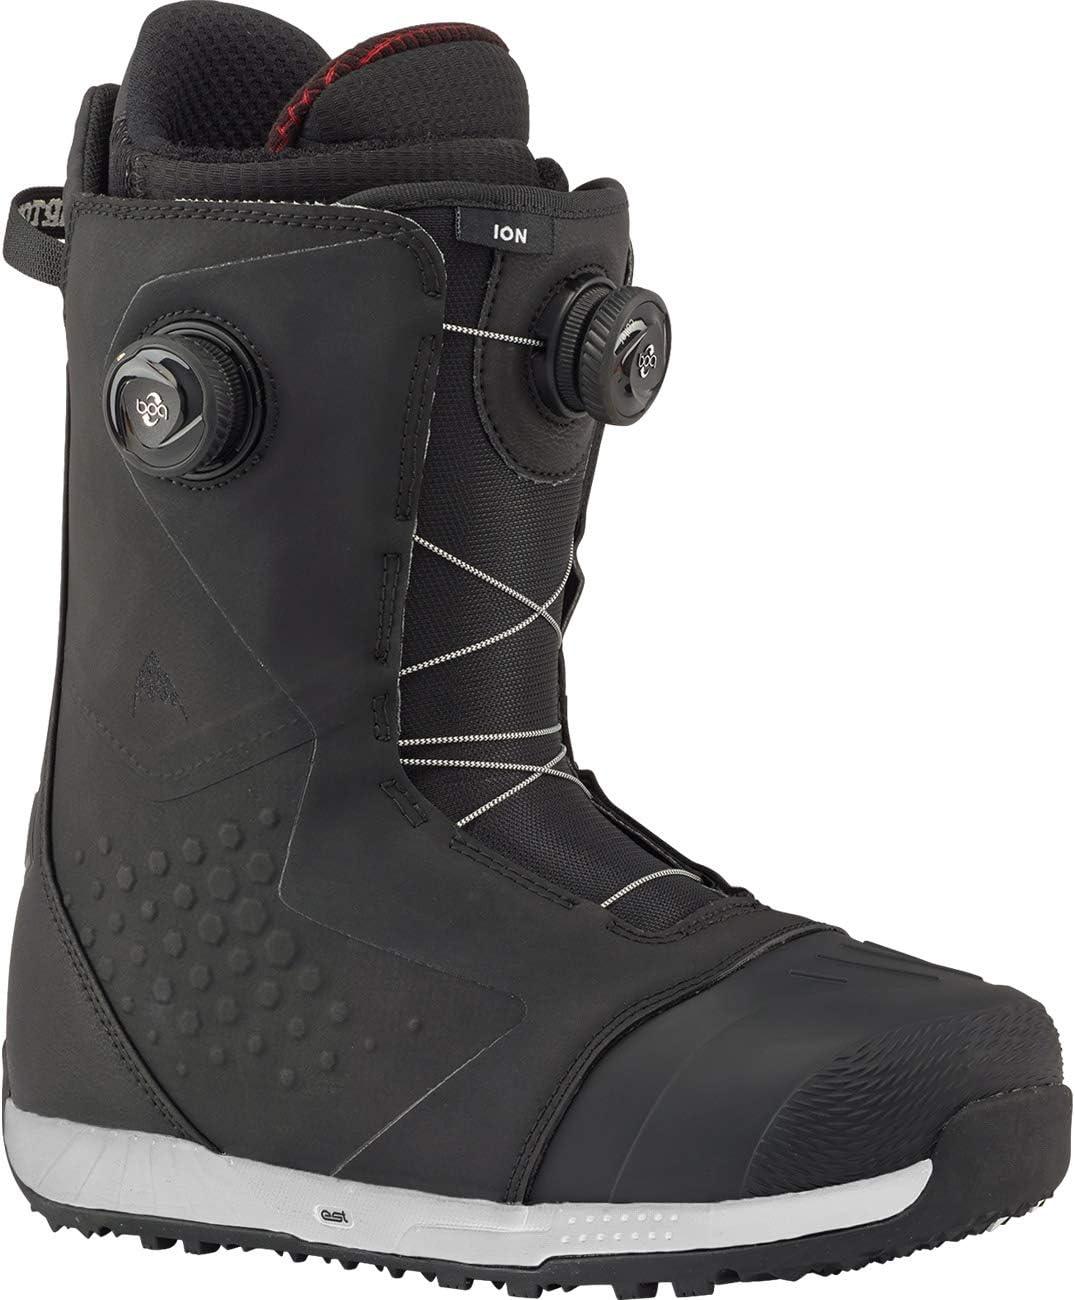 バートン(バートン) スノーボードブーツ ION BOA 185791 02027 ブラック×レッド